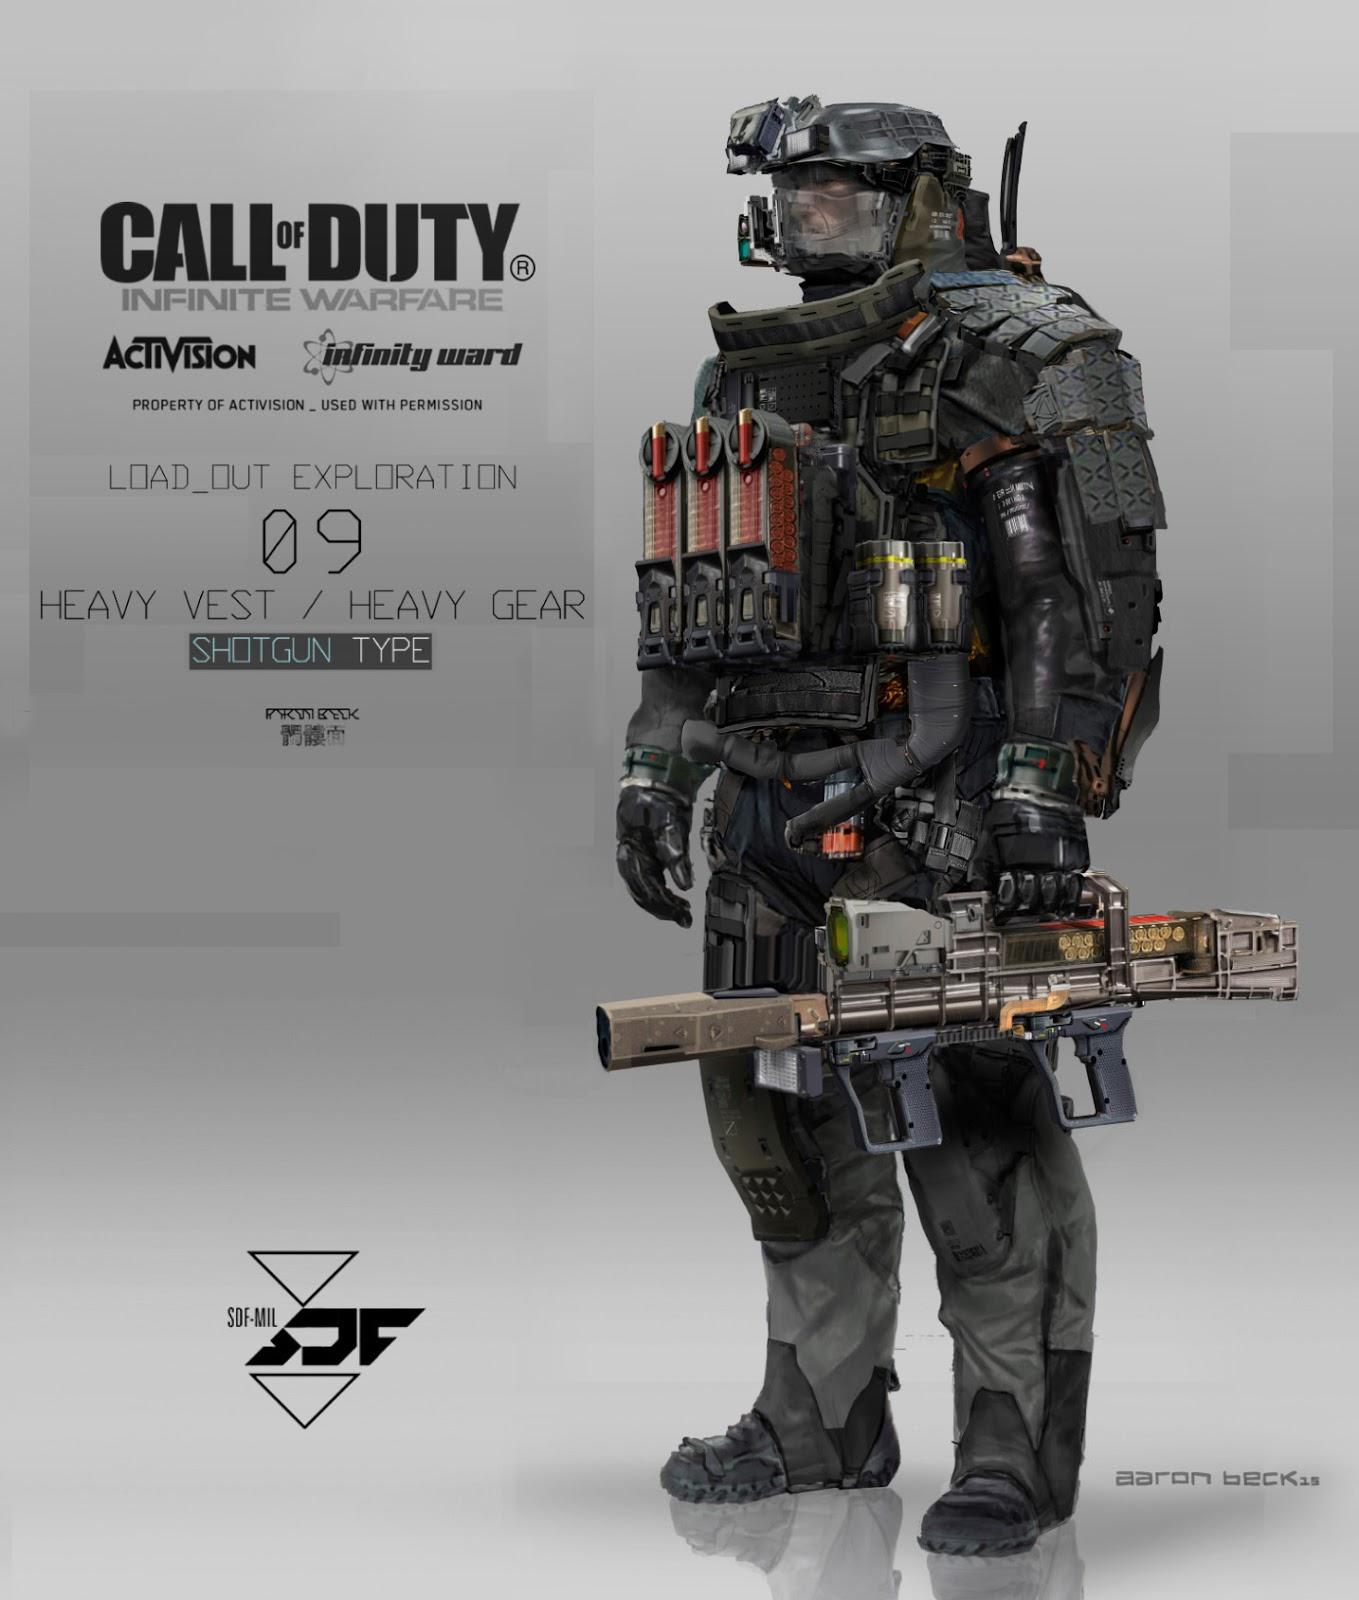 CODIW_SDF_soldier_B_01.jpg